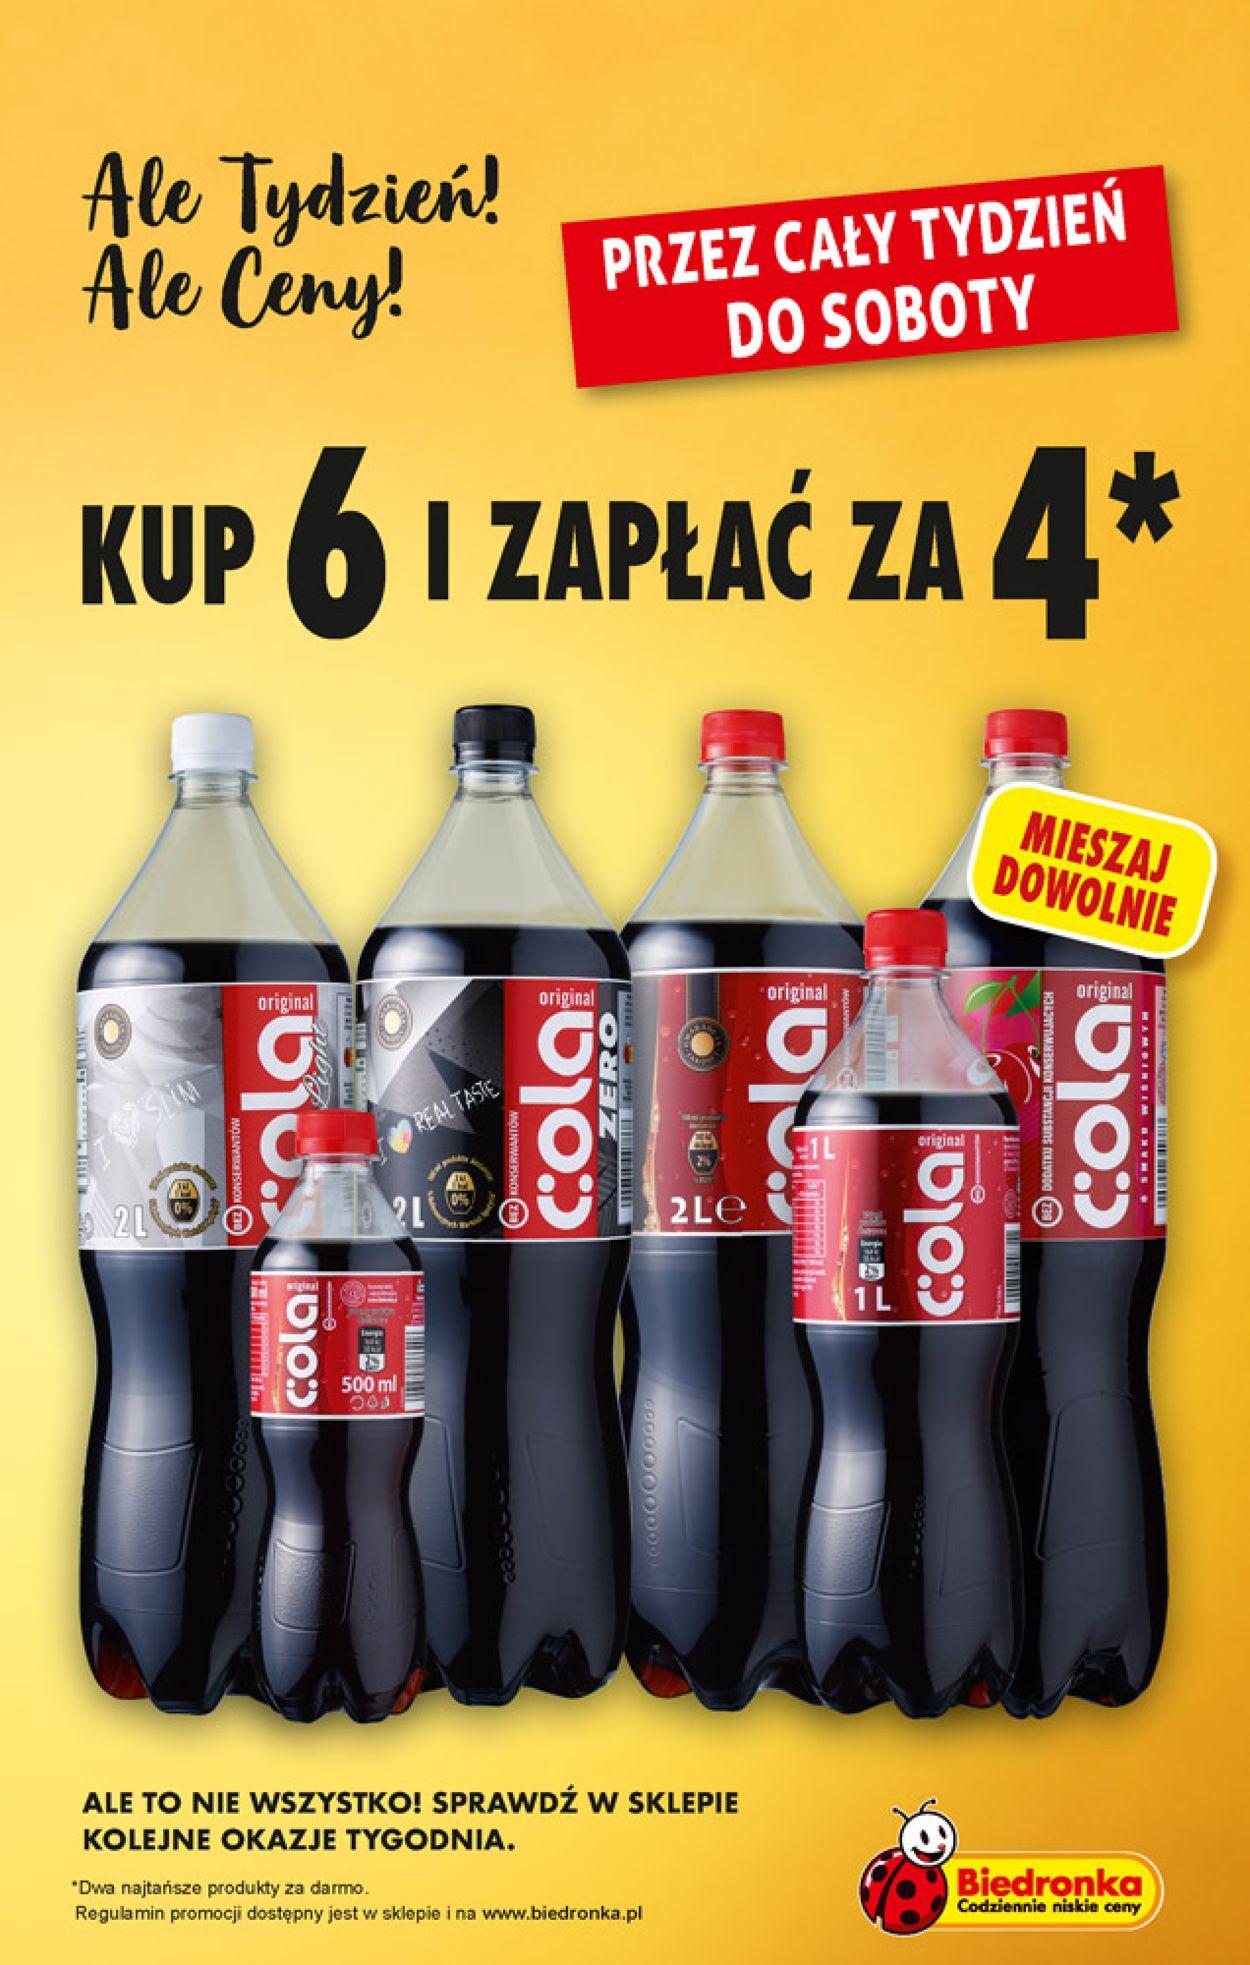 Gazetka promocyjna Biedronka - 02.09-07.09.2019 (Strona 3)